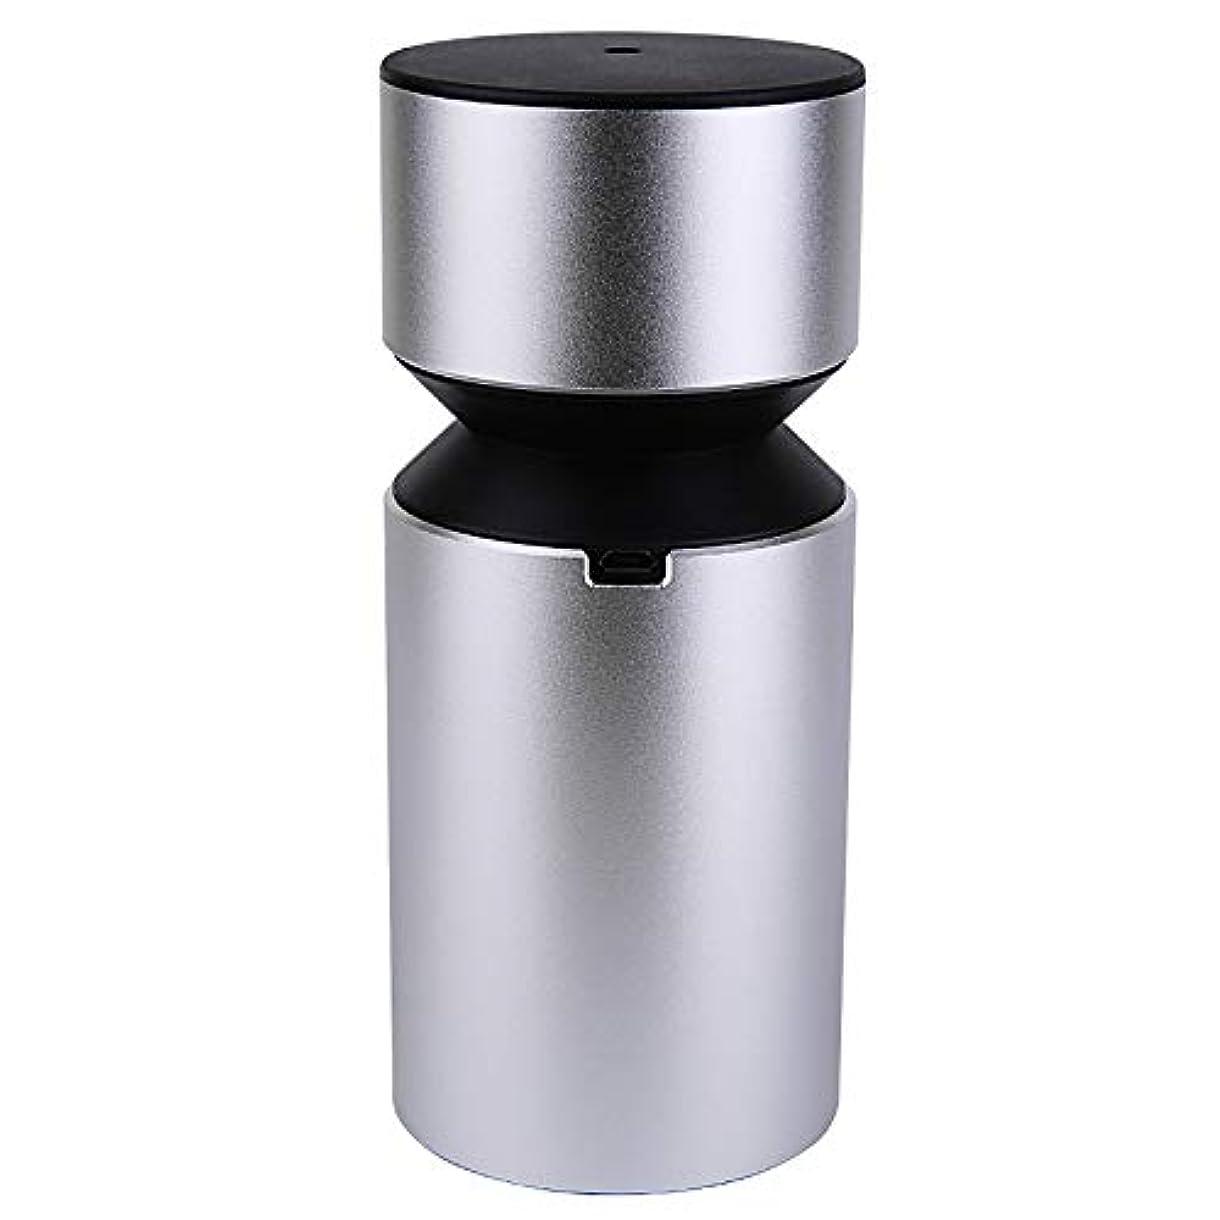 不利益階下固体アロマディフューザー 車載用 ネブライザー式 充電式 静音 精油瓶1個スポイト付きT11-ENS068N (シルバー)